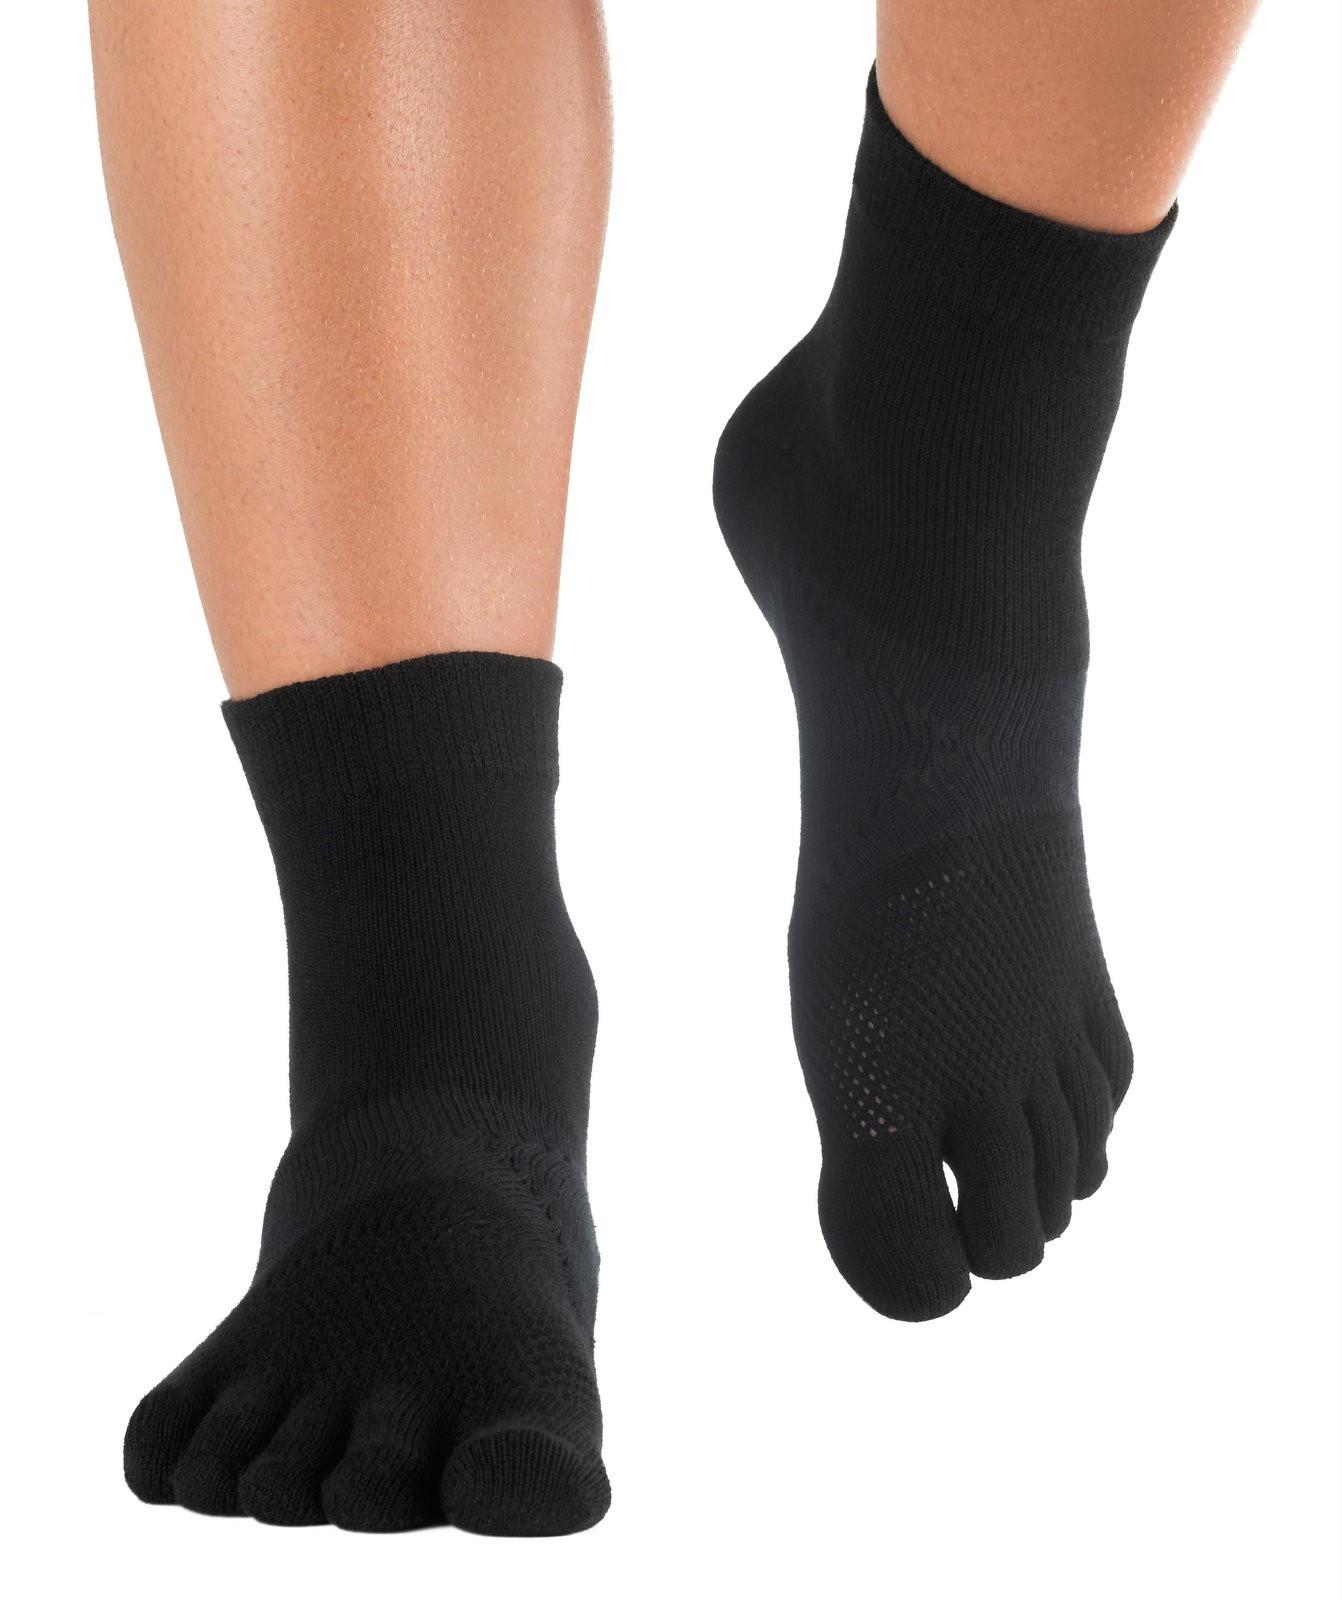 knitido chaussettes techniques à orteils pour les coureurs